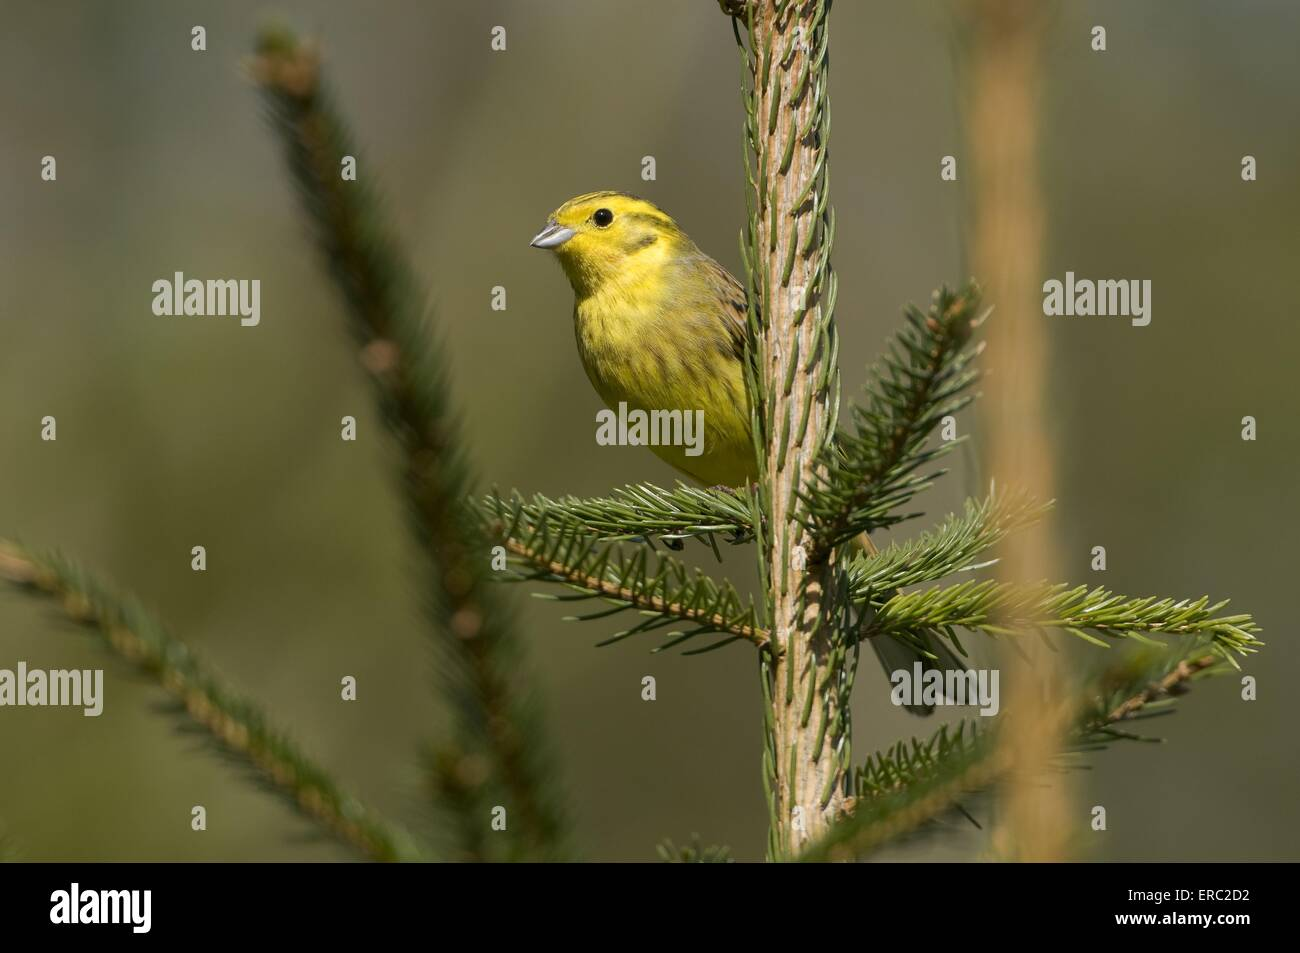 yellowhammer - Stock Image